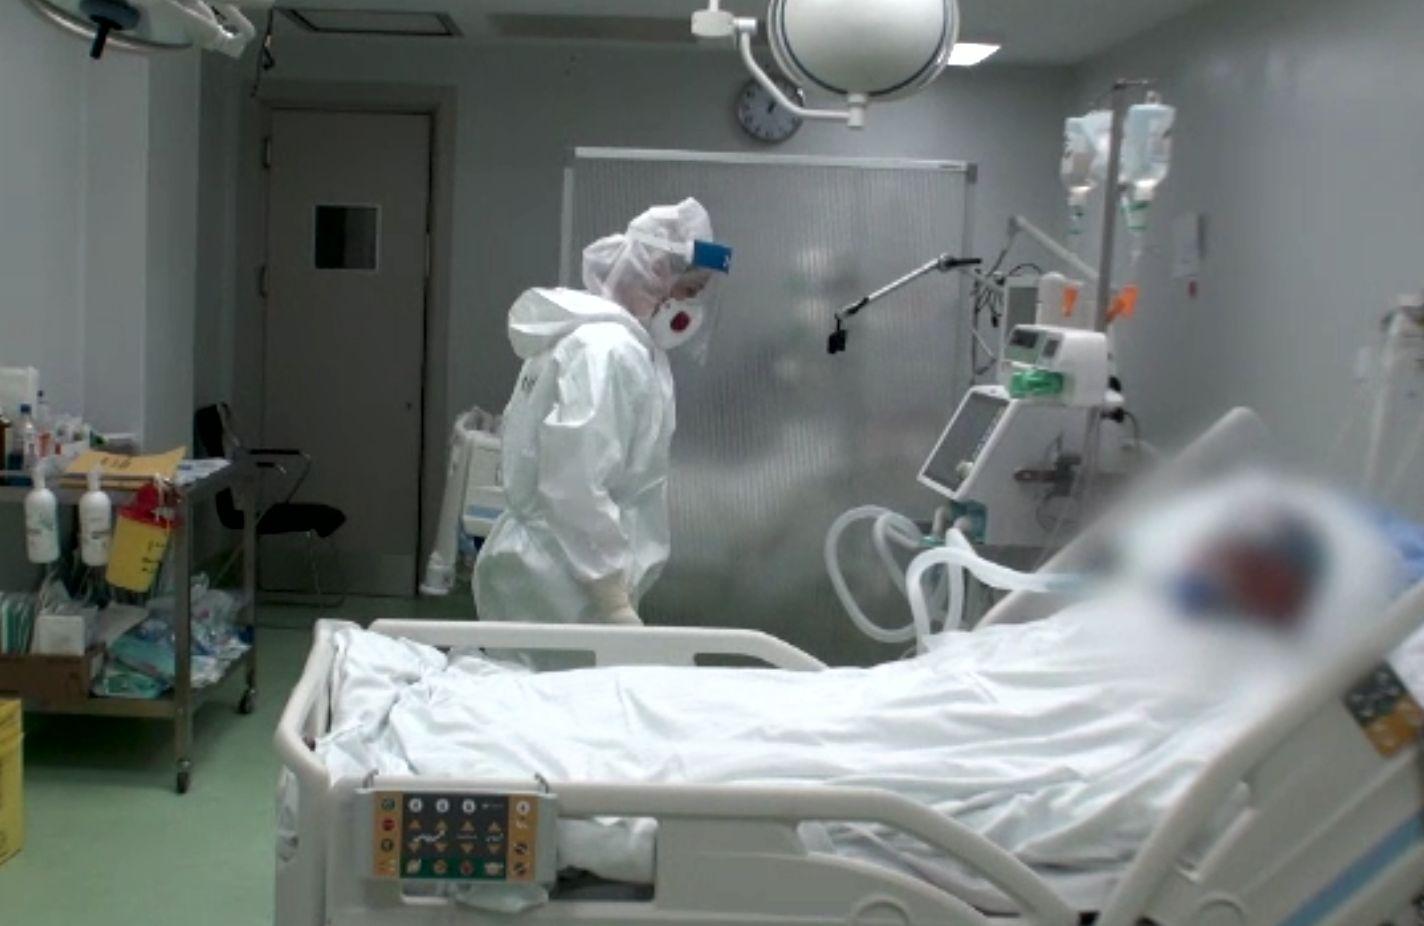 Ambulanțele au stat la cozi să predea bolnavii de COVID. Între timp, grupuri de pelerinii merg la Sfânta Parascheva